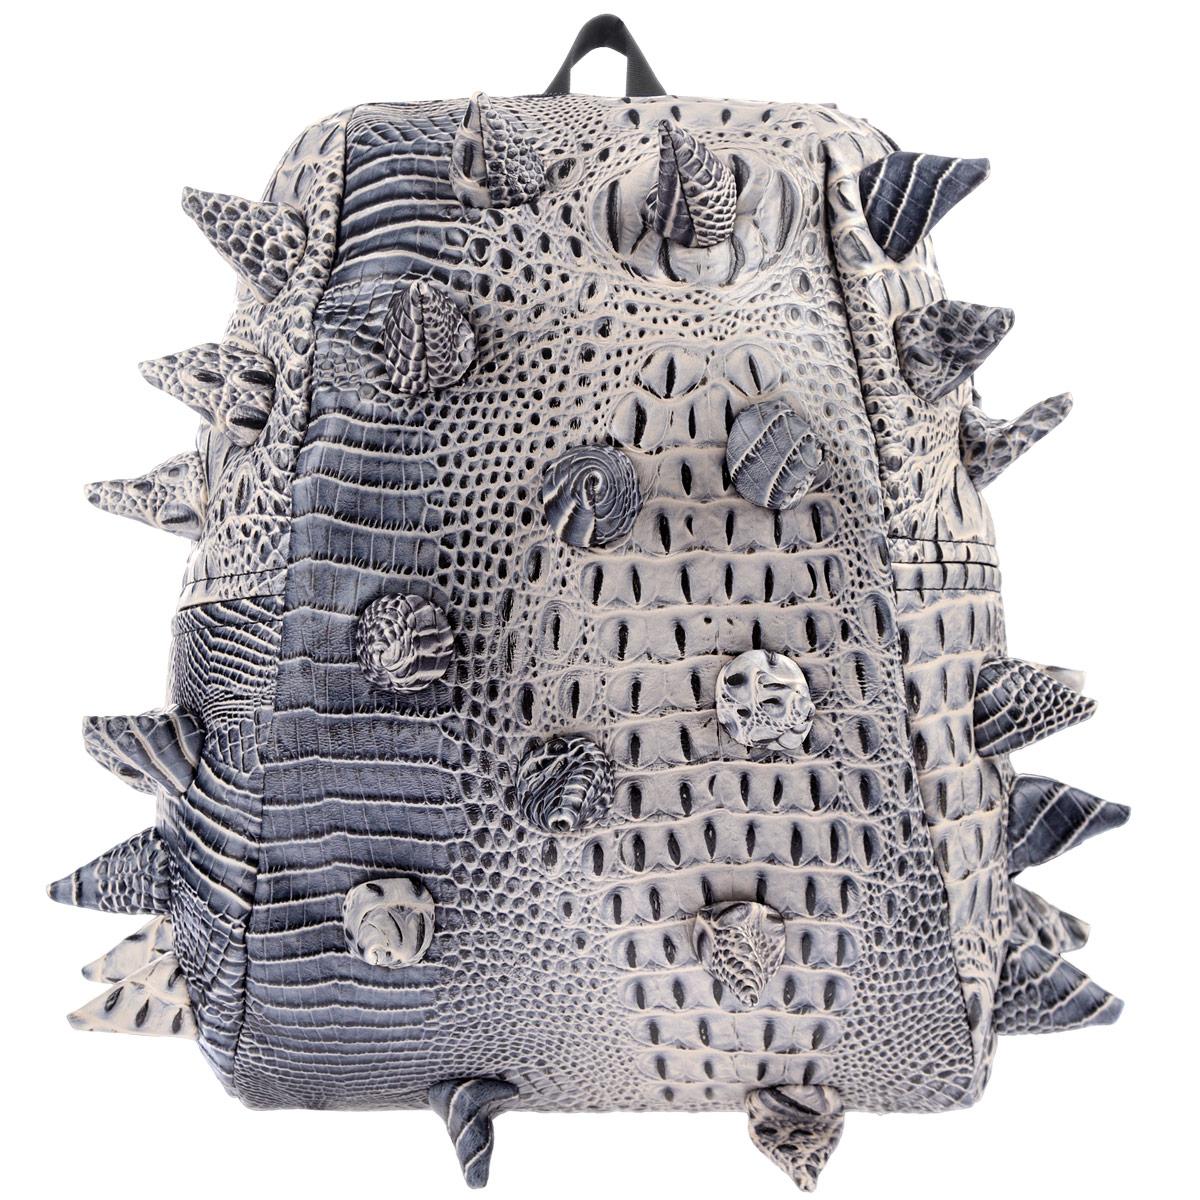 """Рюкзак городской MadPax Gator Half, цвет: коричневый, серый, 16 лРыболовГородской рюкзак MadPax Gator Half - это стильный и практичный аксессуар, уместный в ритме большого города. Верх рюкзака выполнен из 100% поливинила с тиснением под рептилию, шипы придают изделию неповторимый дизайн. Подкладка изготовлена из нейлона. Рюкзак имеет одно основное отделение, которое закрывается на застежку-молнию. Внутри поместится ноутбук с диагональю 13"""", iPad и бумаги формата А4. Также внутри содержится небольшой карман на молнии для мелких вещей. Модель оснащена ручкой для переноски в руке, а также мягкими и широкими плечевыми лямками, которые можно регулировать по длине. Полностью вентилируемая и ортопедическая спинка создает дополнительный комфорт вашей спине. Сзади расположен кармашек из прозрачного ПВХ для визитки. MadPax - это крутые рюкзаки в стиле фанк, которые своим неповторимым дизайном бросают вызов монотонности и скуке. Эти уникальные рюкзаки помогают детям всех возрастов самовыражаться, а их внутренняя структура с отделениями, карманами и застежками-молниями делает их невероятно практичными. Материал: поливинил, нейлон, пластик, металл."""